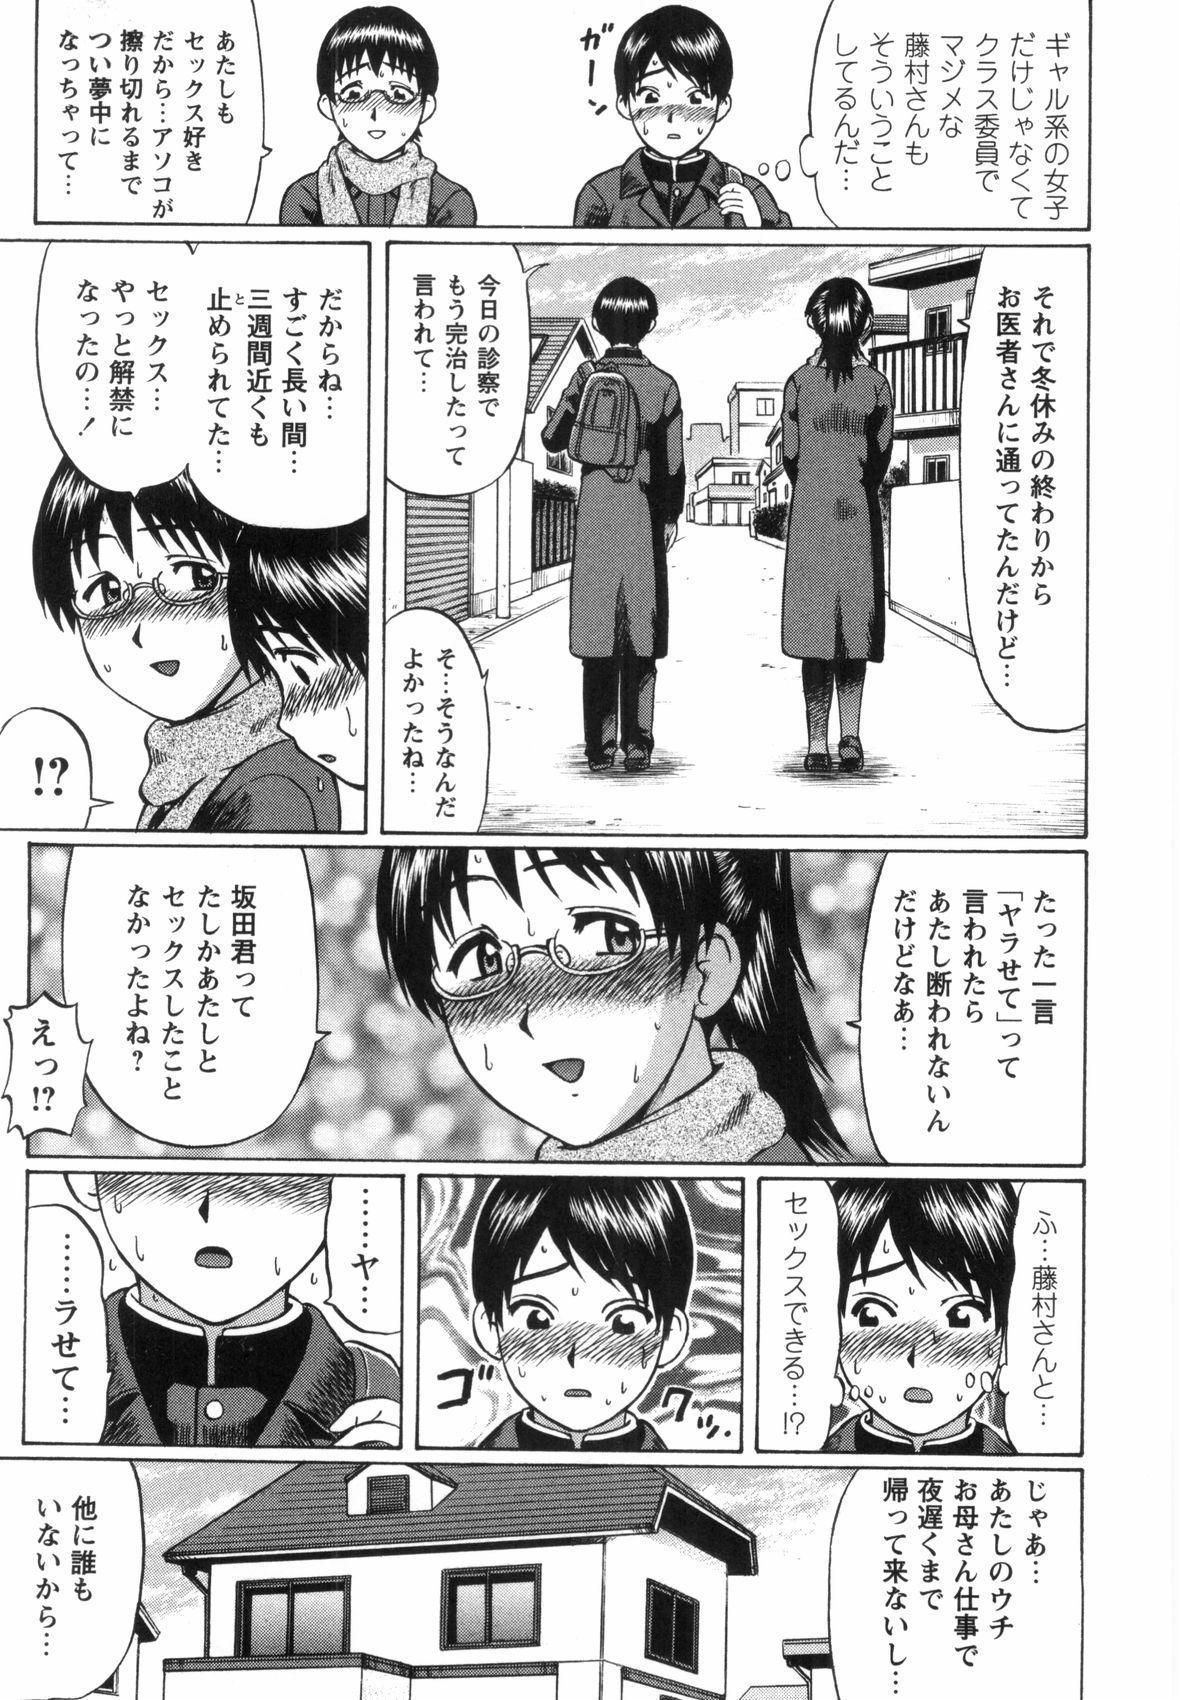 Doutei Yuugi 21